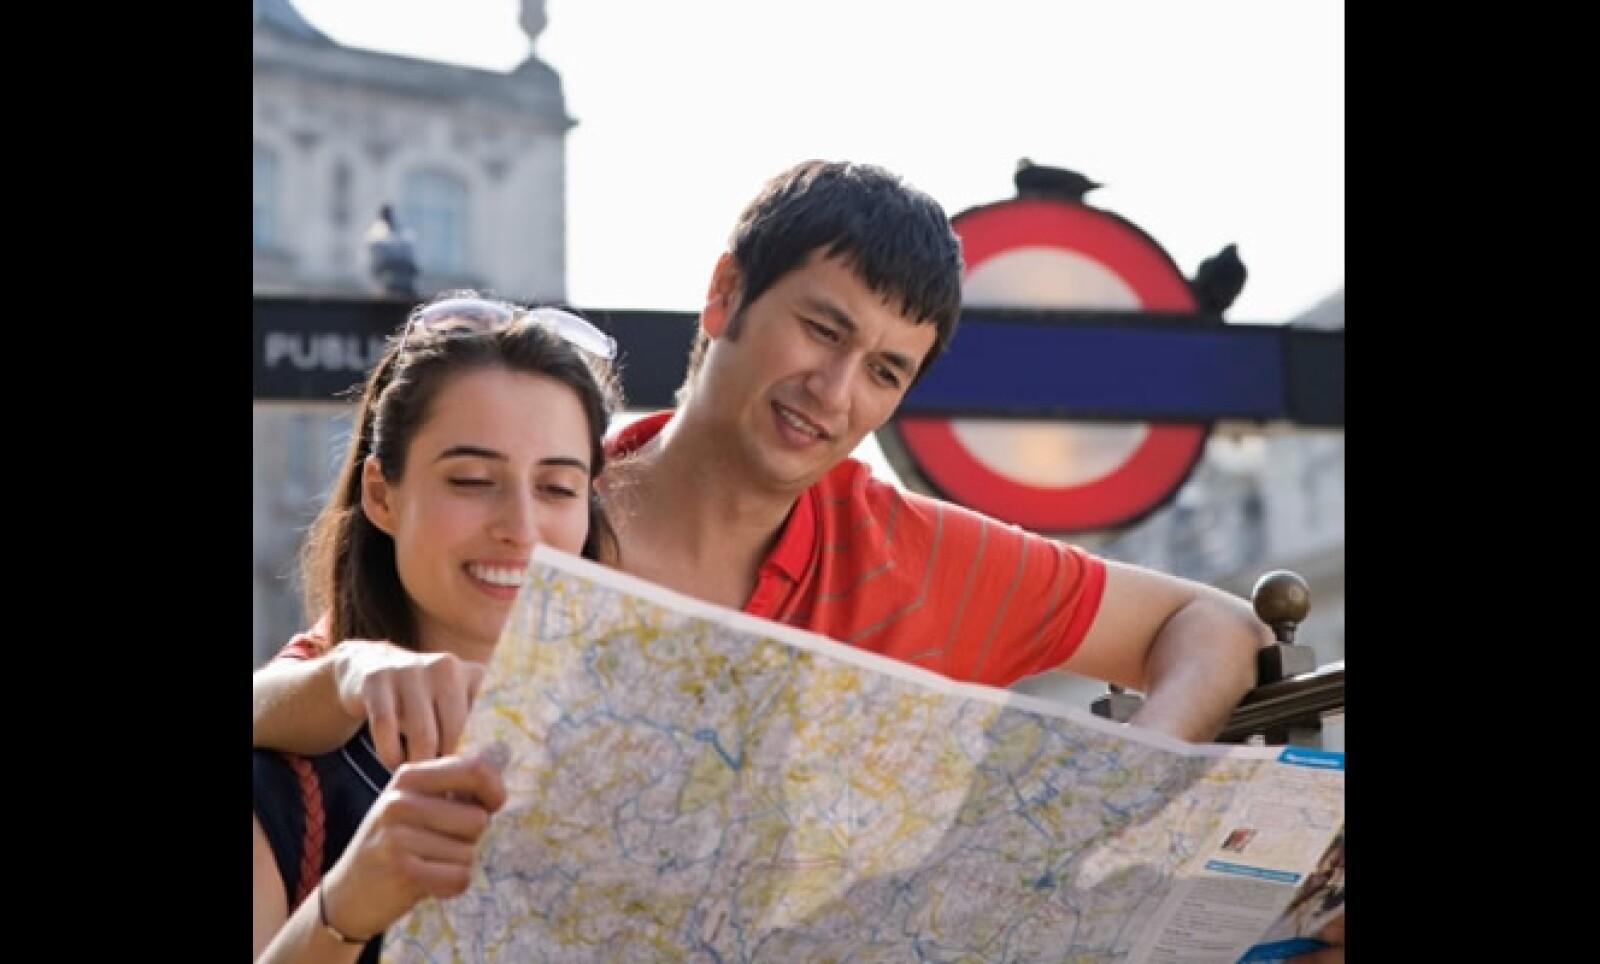 El metro de Londres, uno de los más concurridos del mundo, fue construido a principios de 1800. Cuenta con 11 líneas que conectan el centro del destino y el costo del boleto varía entre 3 y 4 libras.